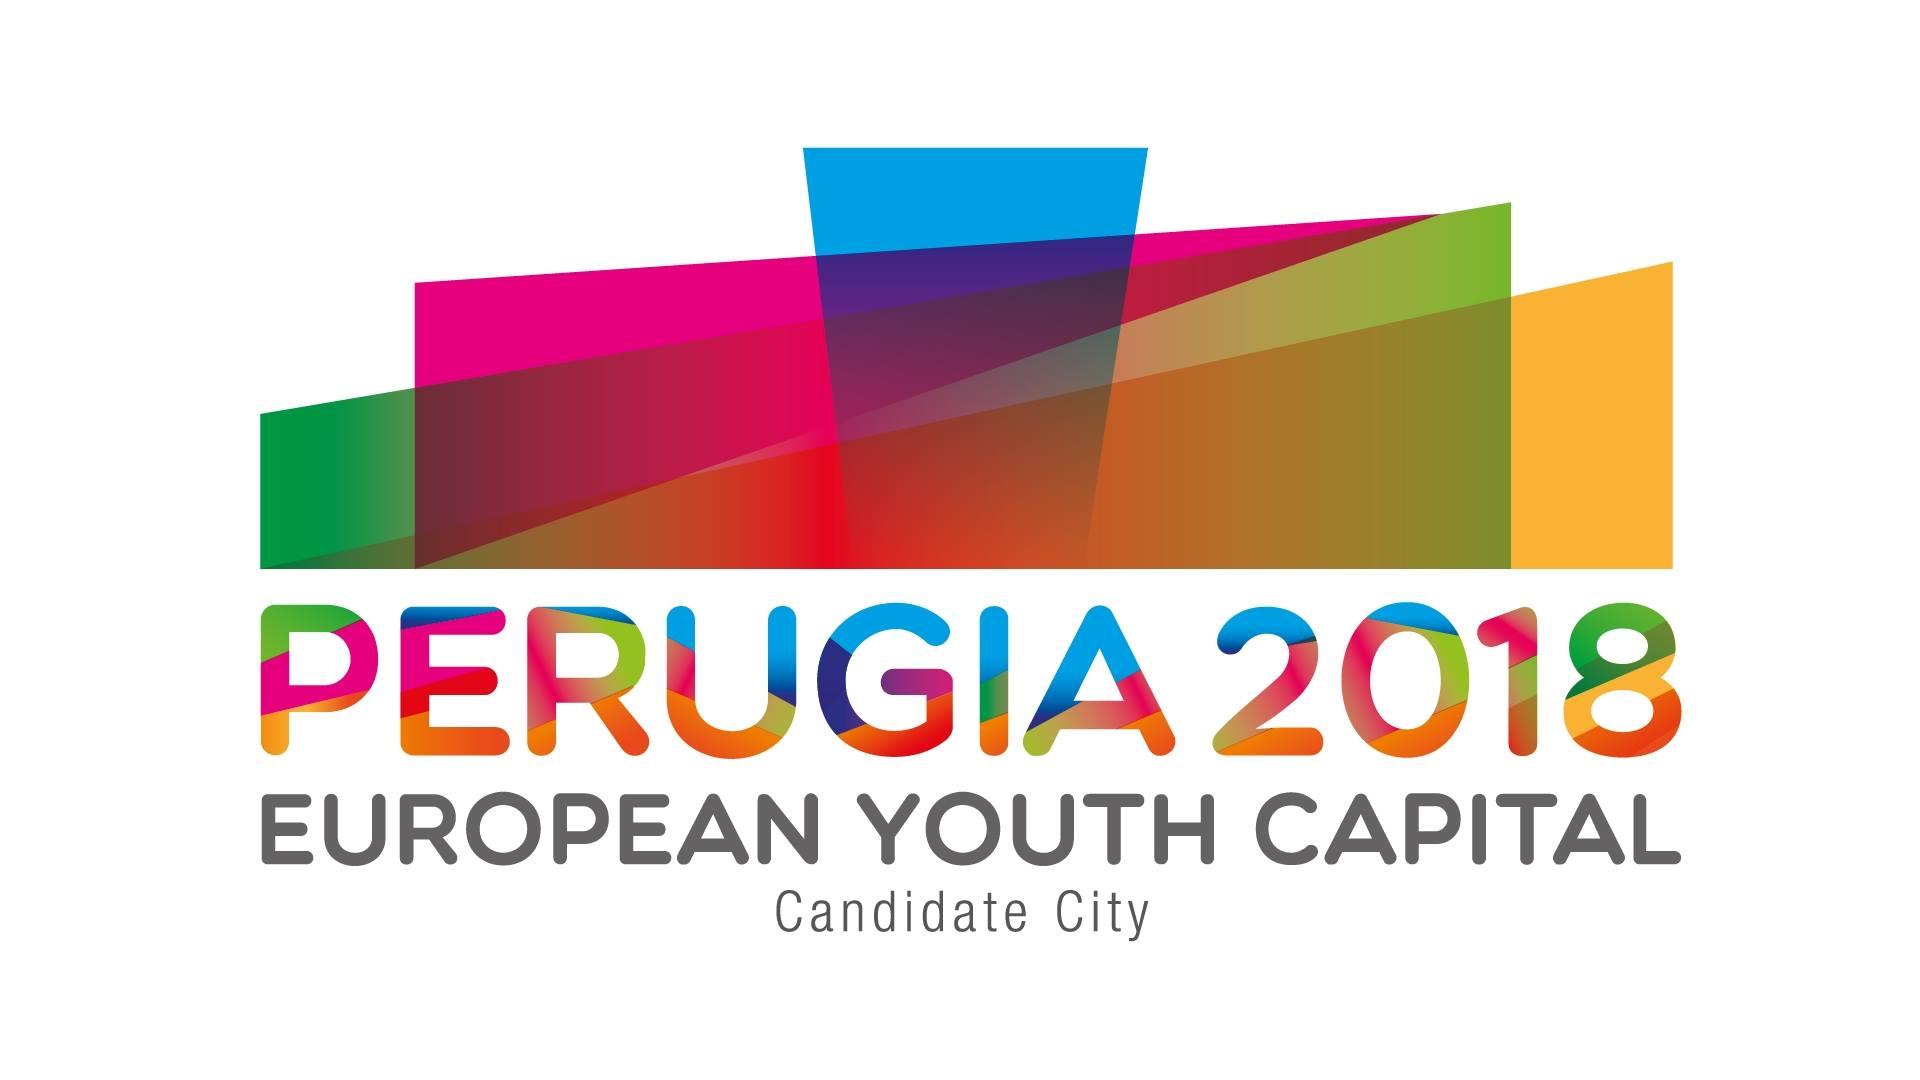 Città dei Giovani 2018. In Europa sono cinque, per noi c'è Perugia